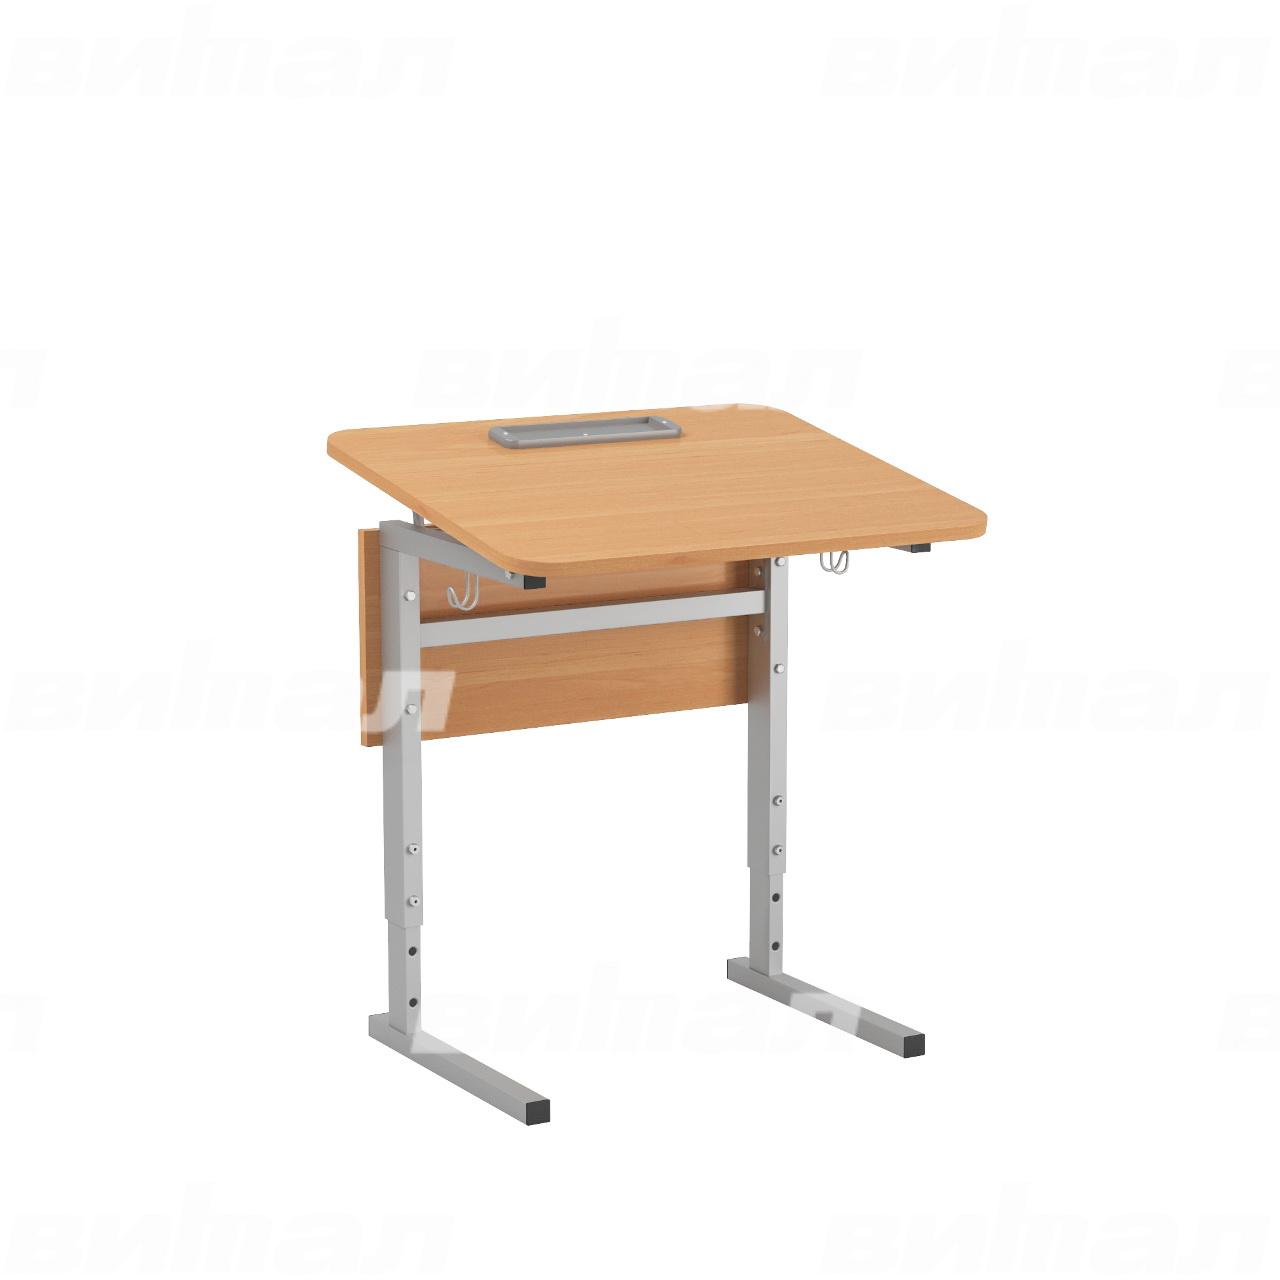 Стол 1-местный регулир. высота и наклон столешницы 0-10° (гр 2-4, 3-5 или 4-6) серый Ольха 3-5 Меламин прямоугольная